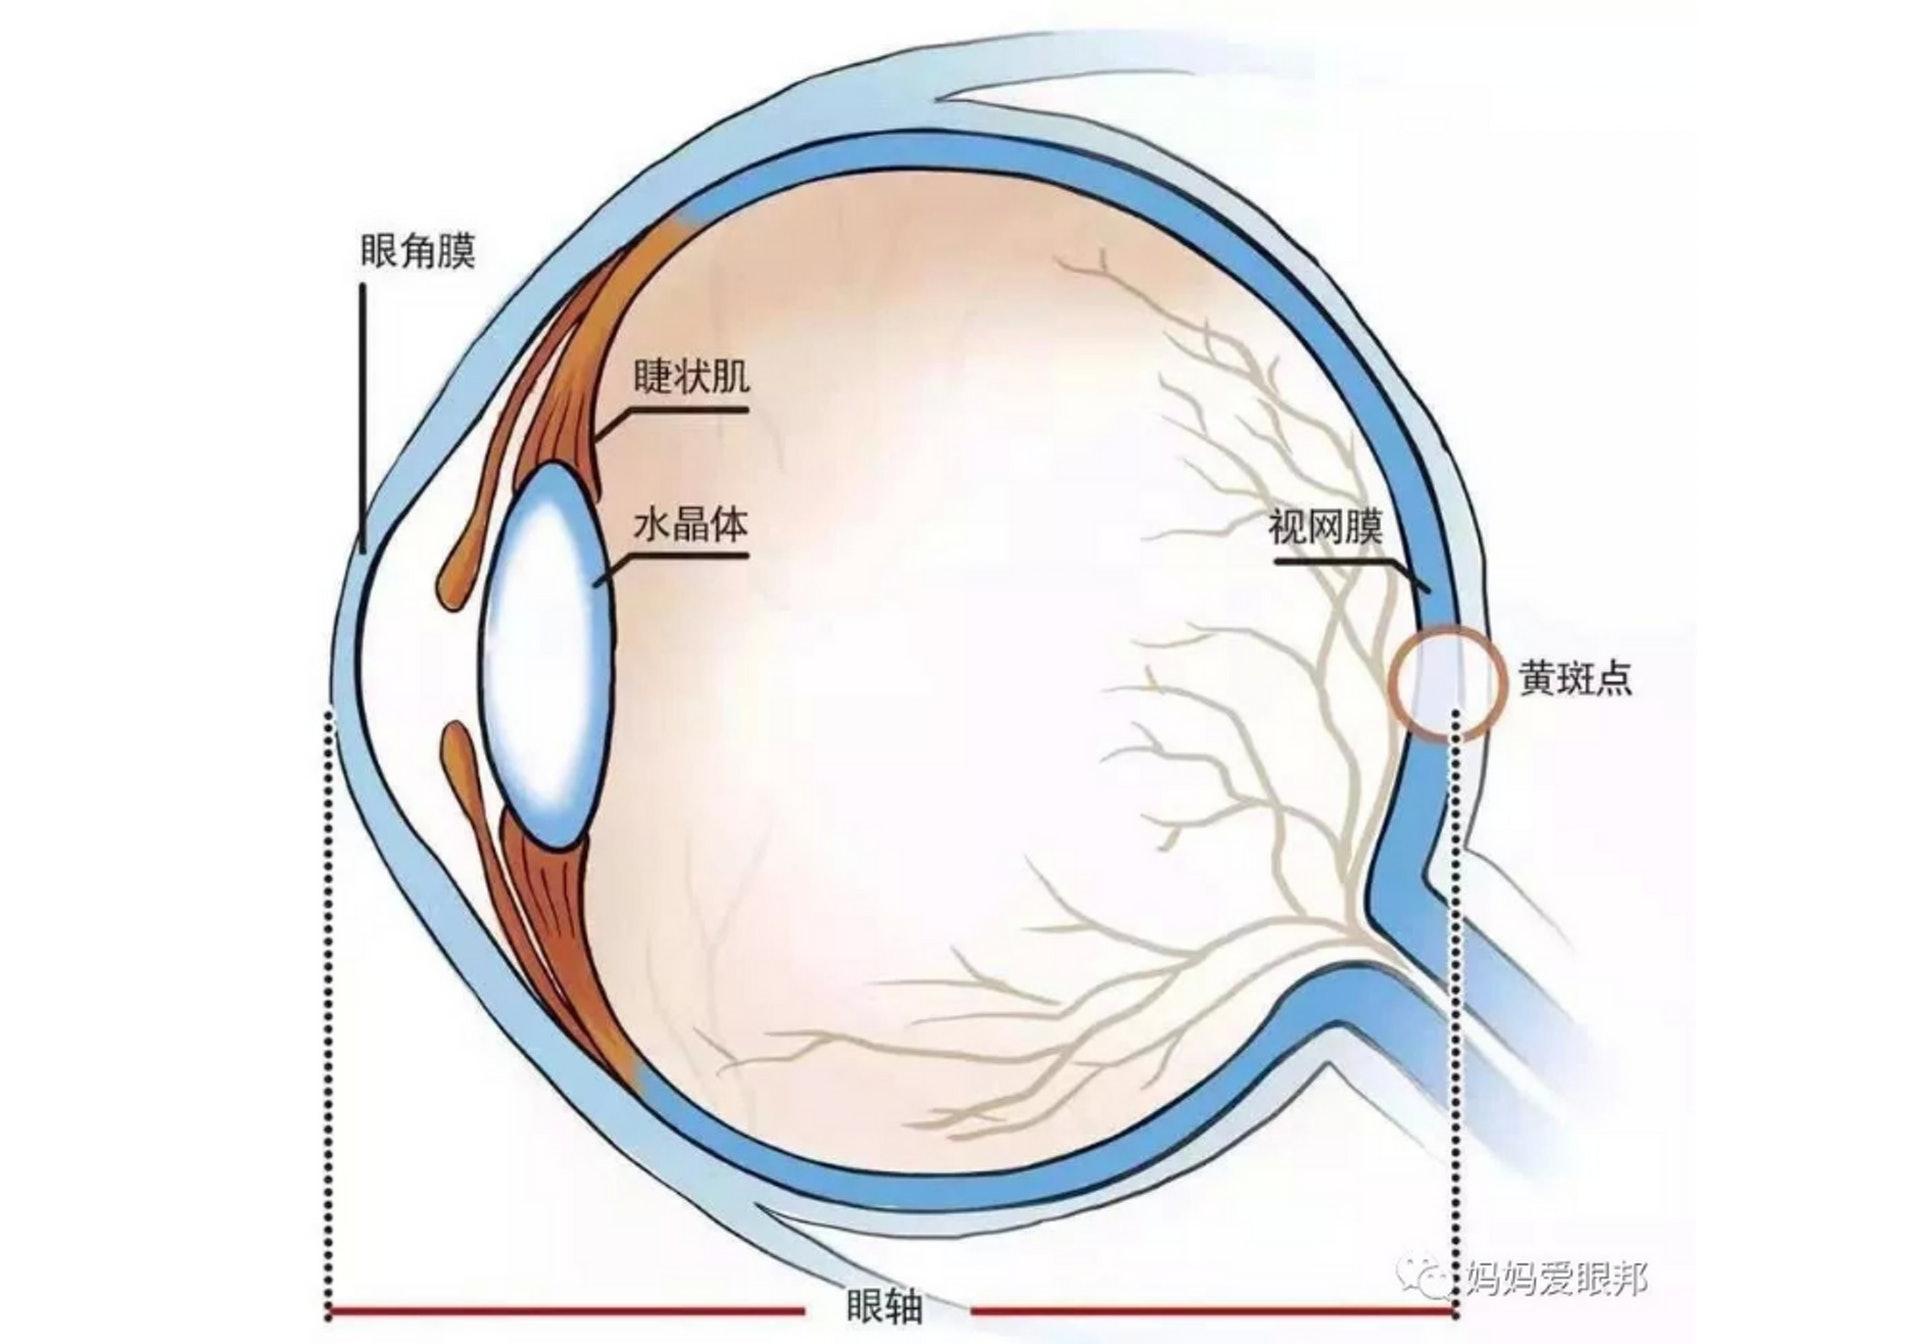 兒童近視的原因之一是眼軸過長或角膜弧度太彎,另一原因是睫狀肌過度使用無法放鬆。(圖片:知乎)